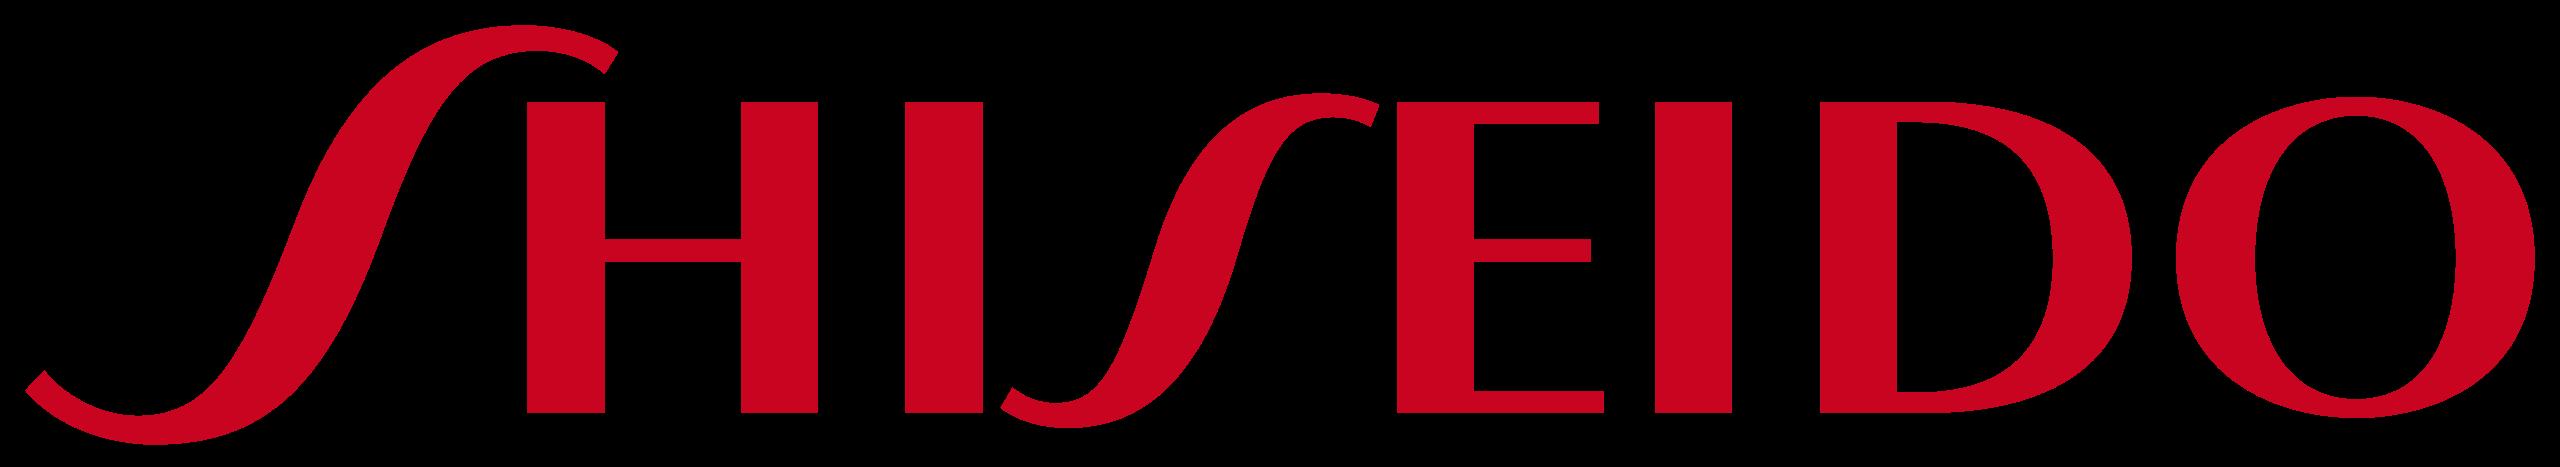 Kem chống lão hóa Shiseido là 1 sản phẩm của thương hiệu Shiseido Nhật Bản